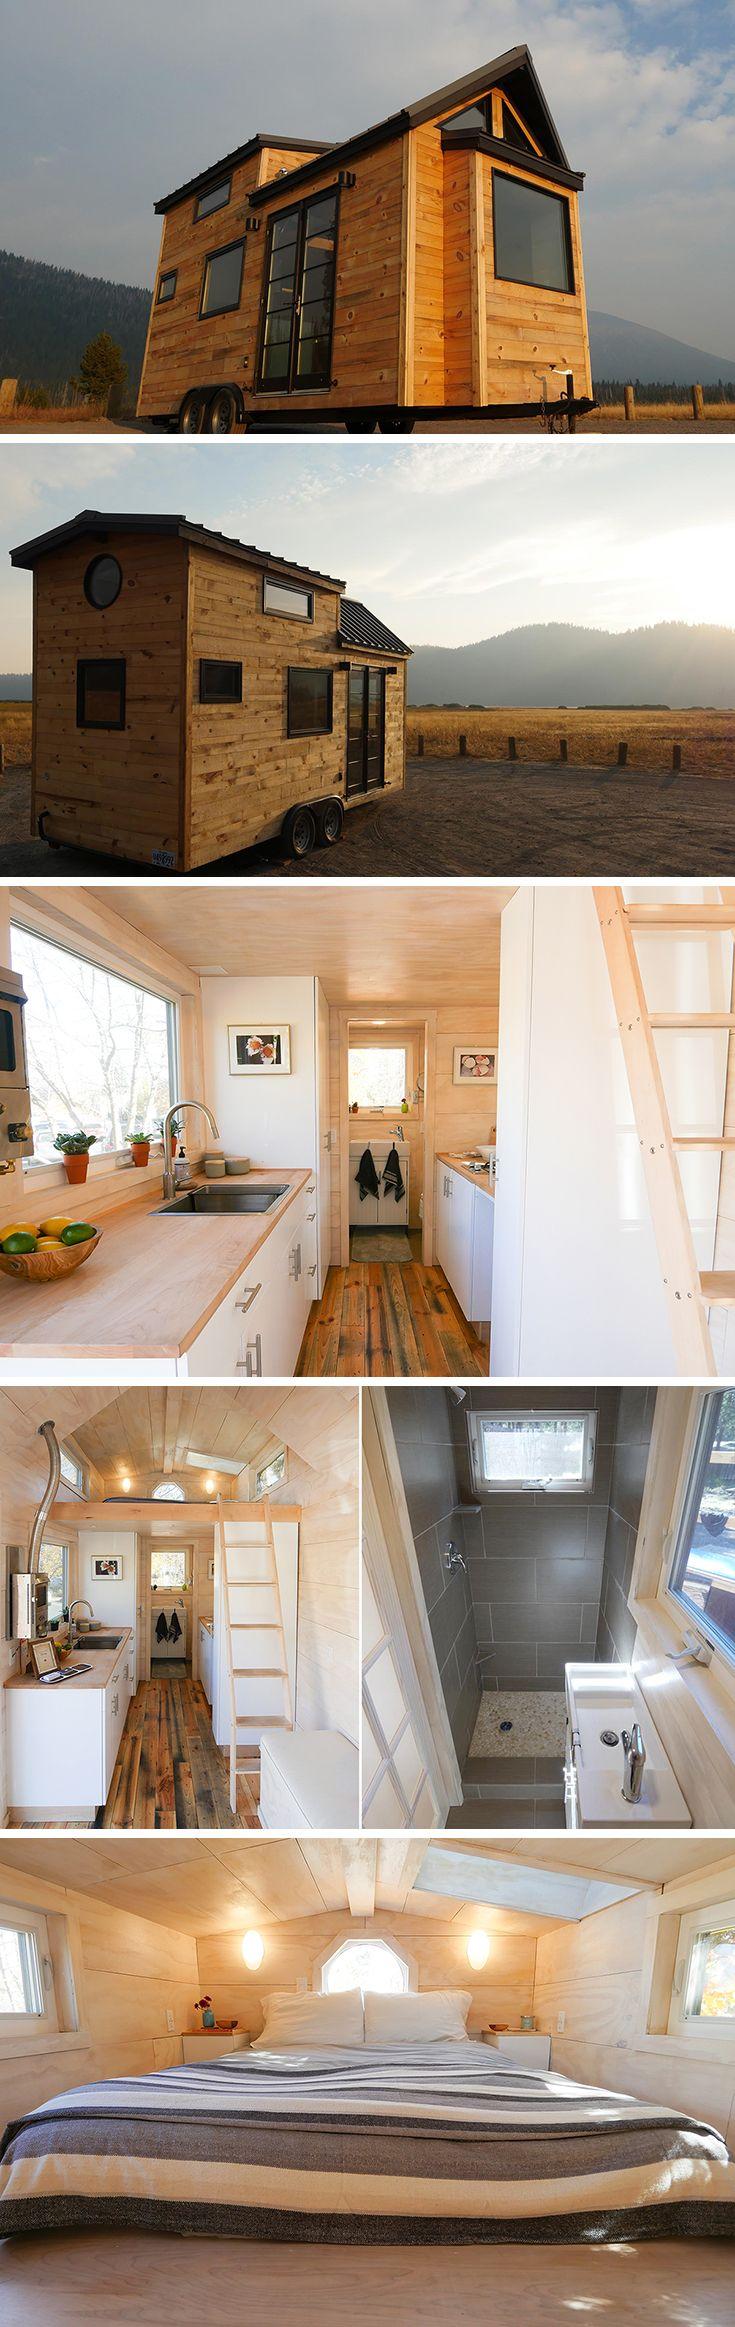 Best 25 Oregon house ideas on Pinterest